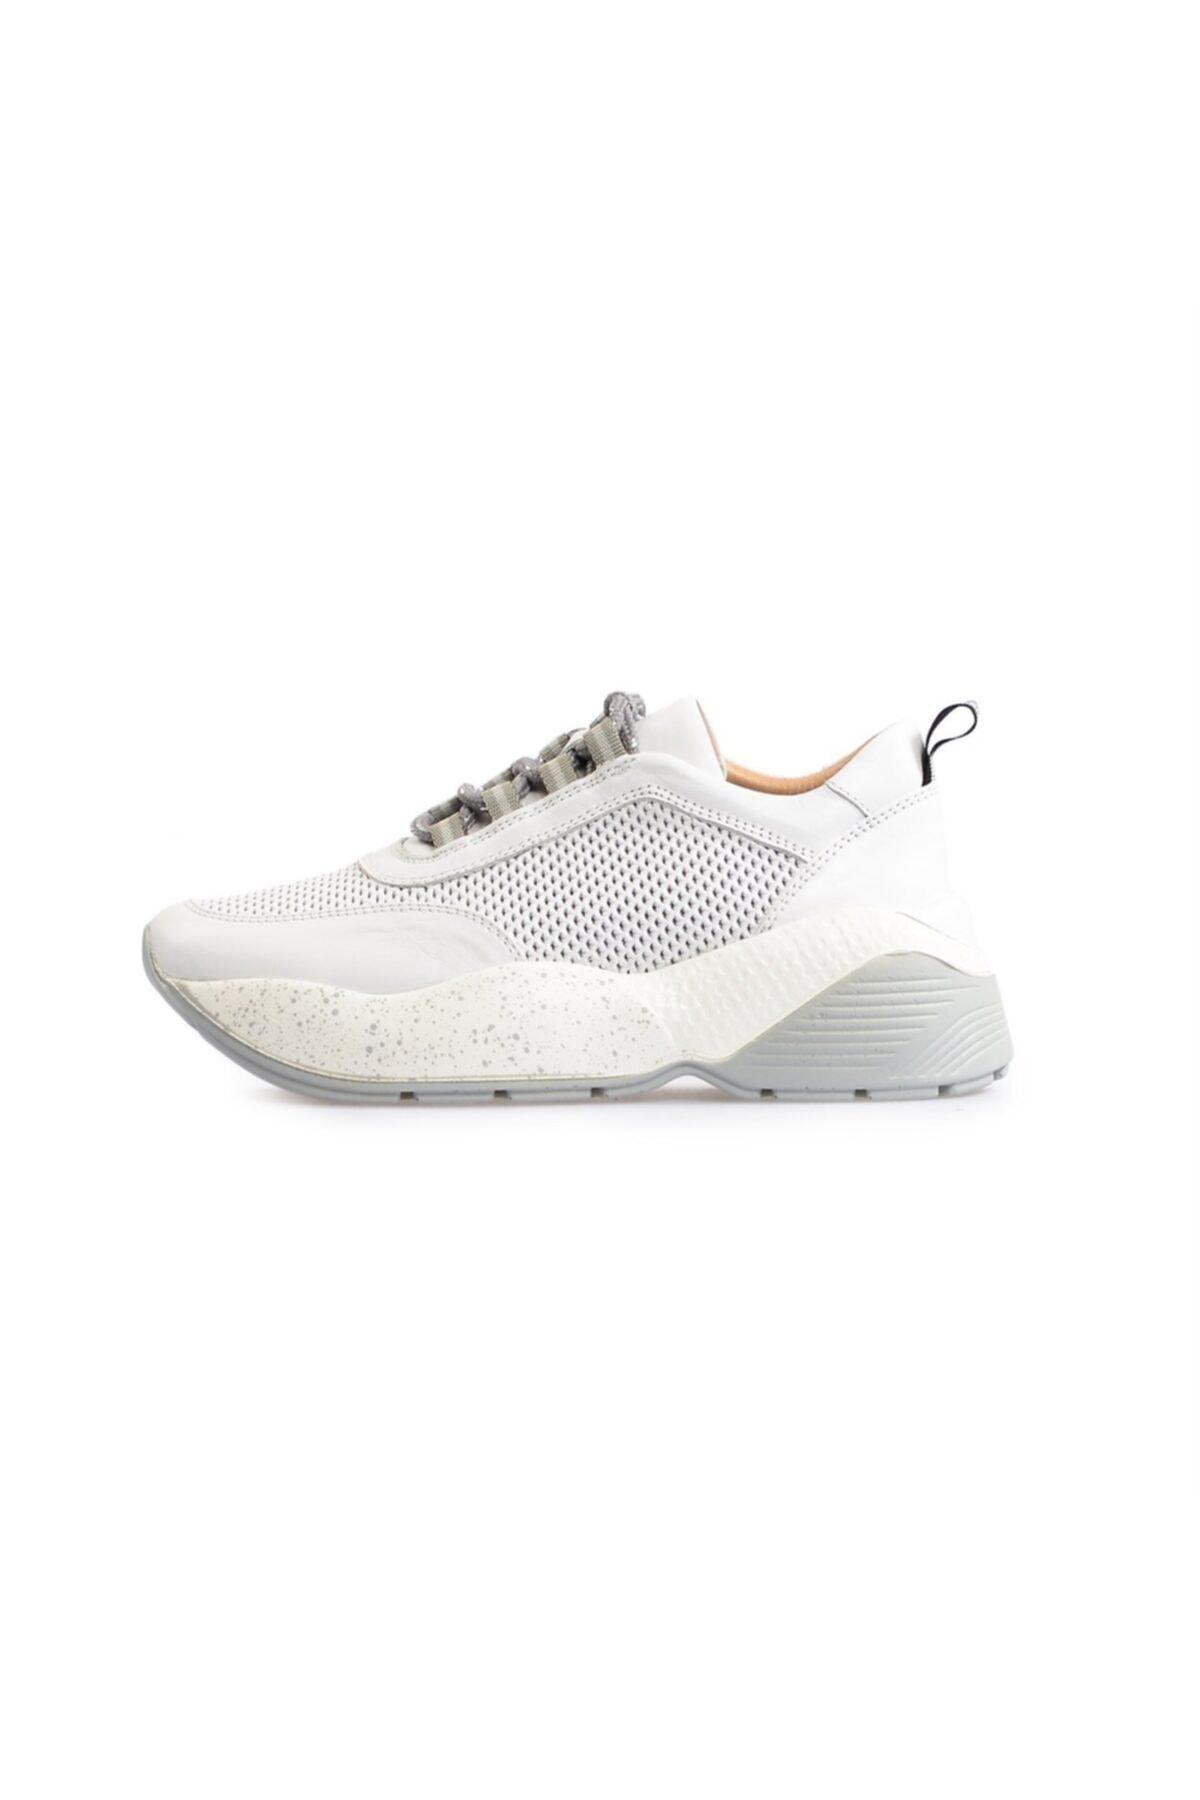 Flower Beyaz Yüksek Tabanlı Bağcıklı Spor Ayakkabı 1